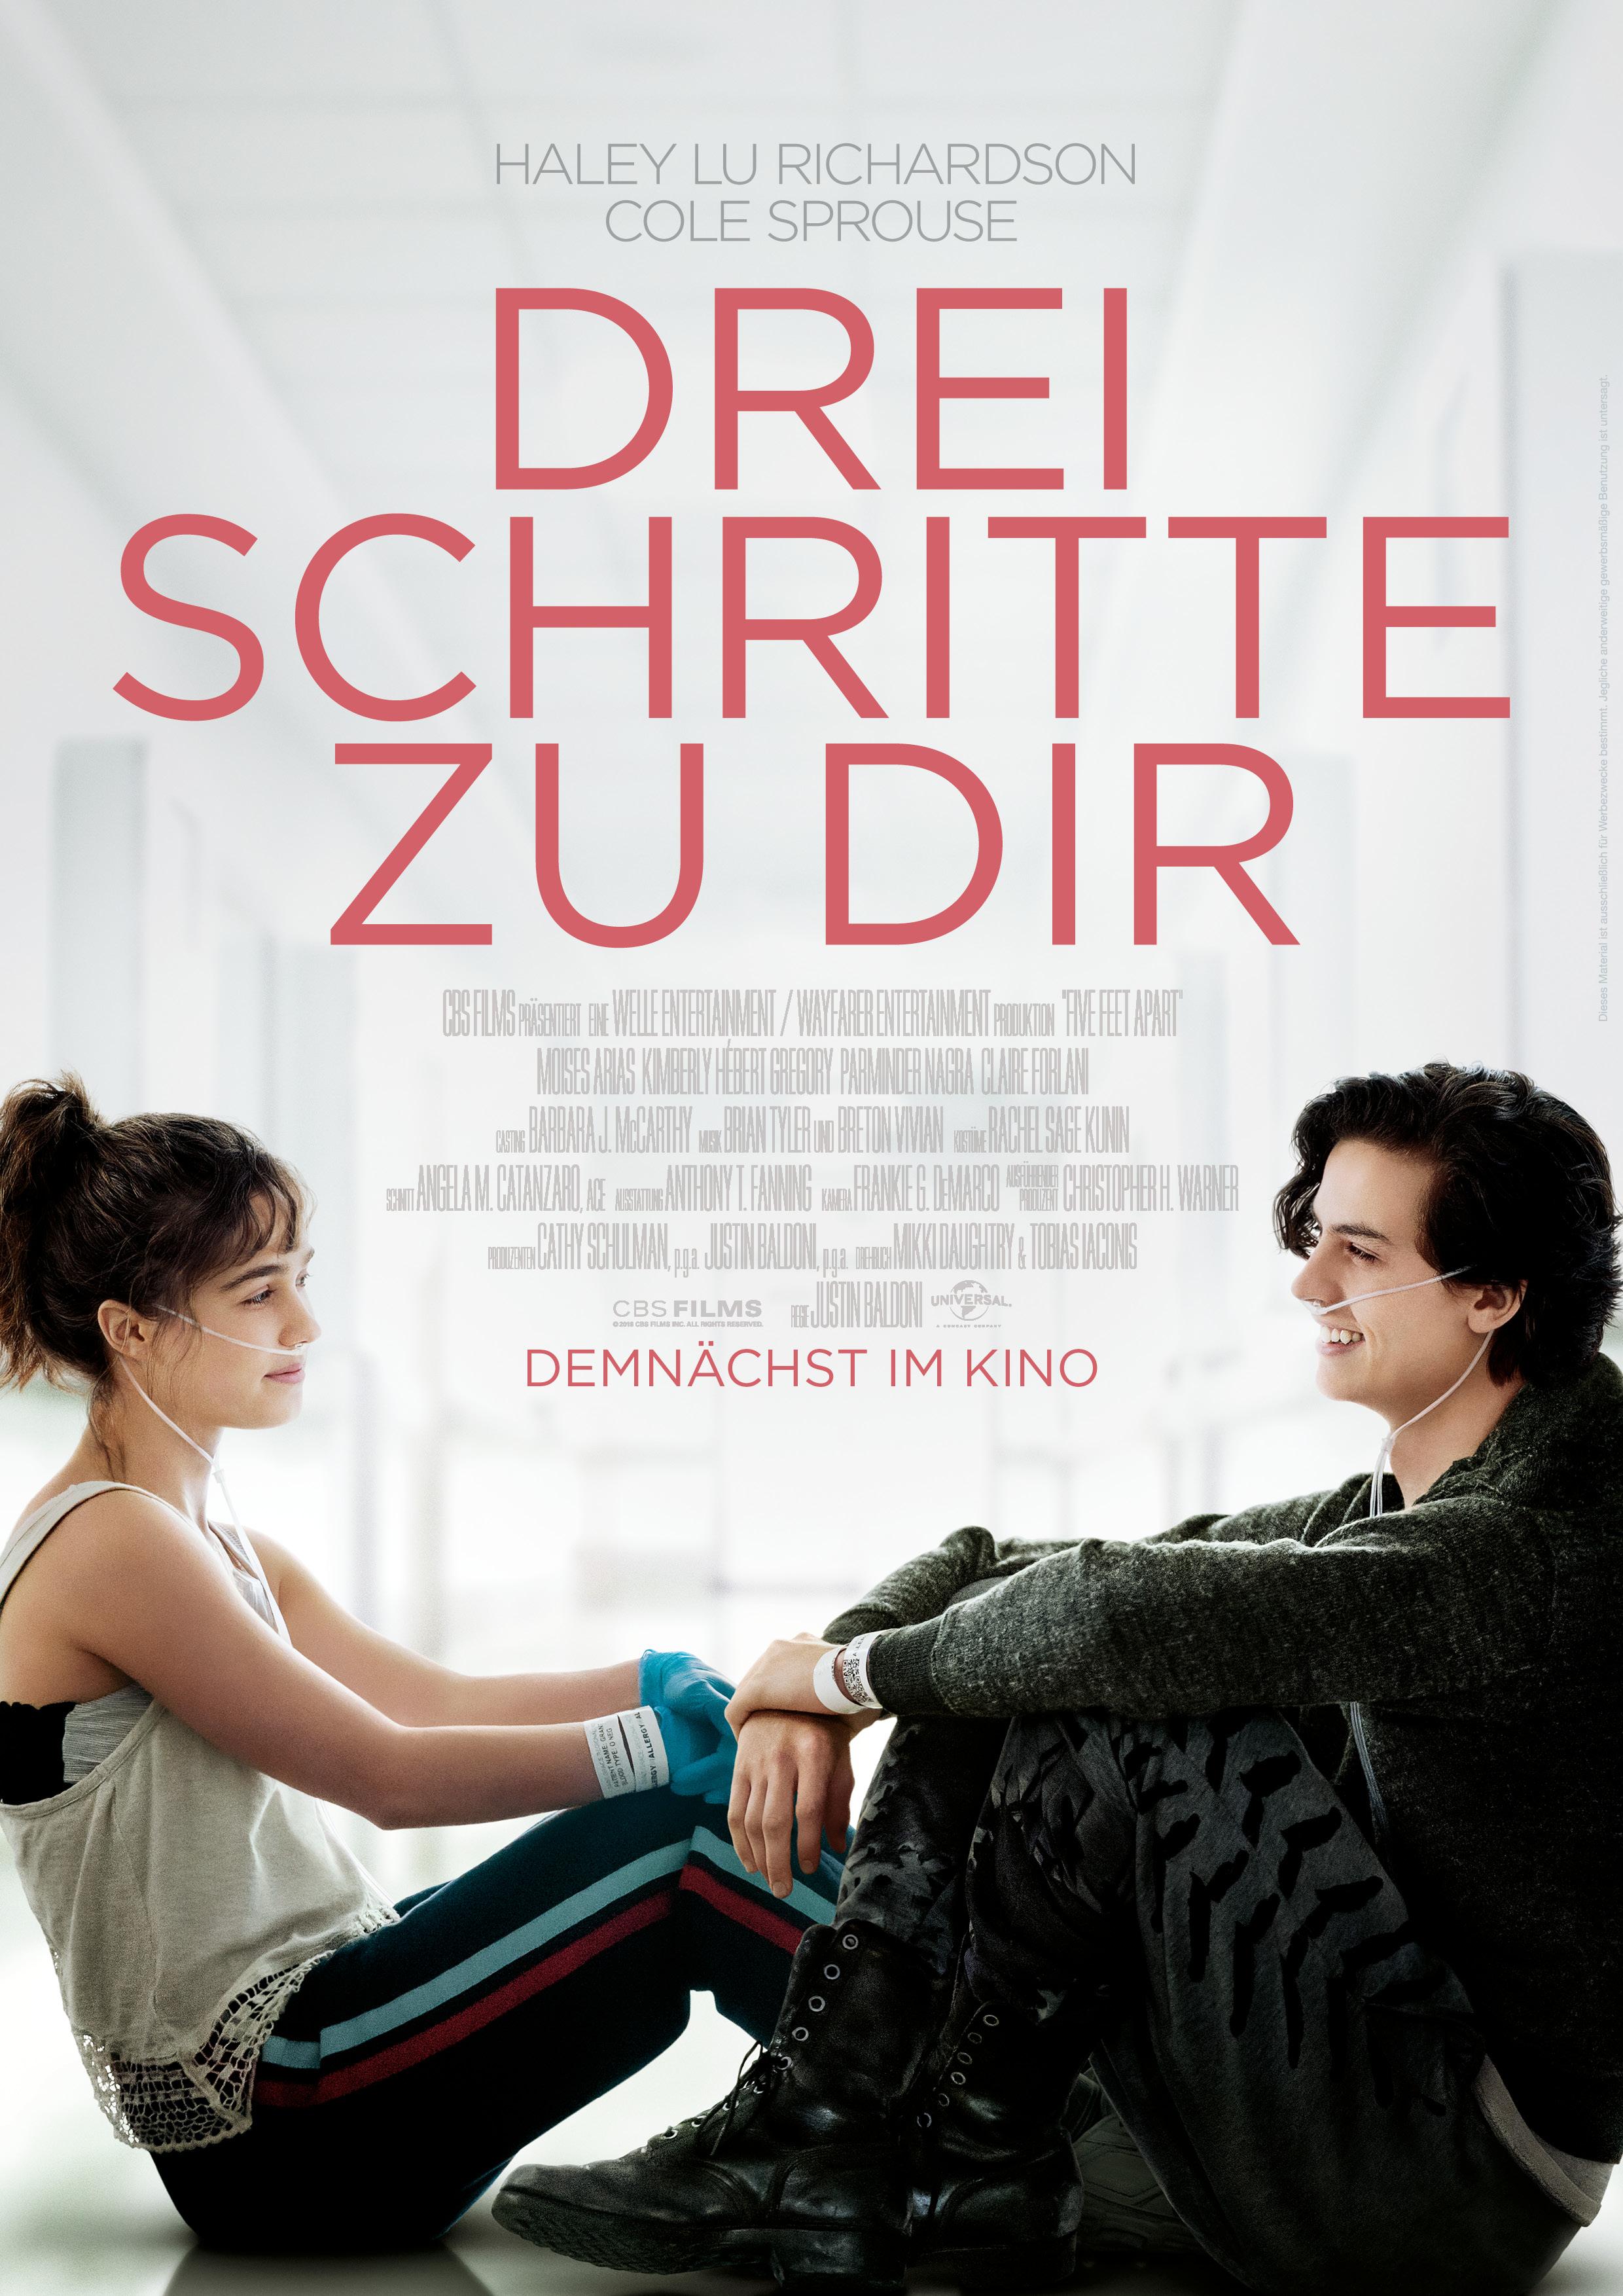 3 Schritte zu Dir Film (2019) · Trailer · Kritik ·